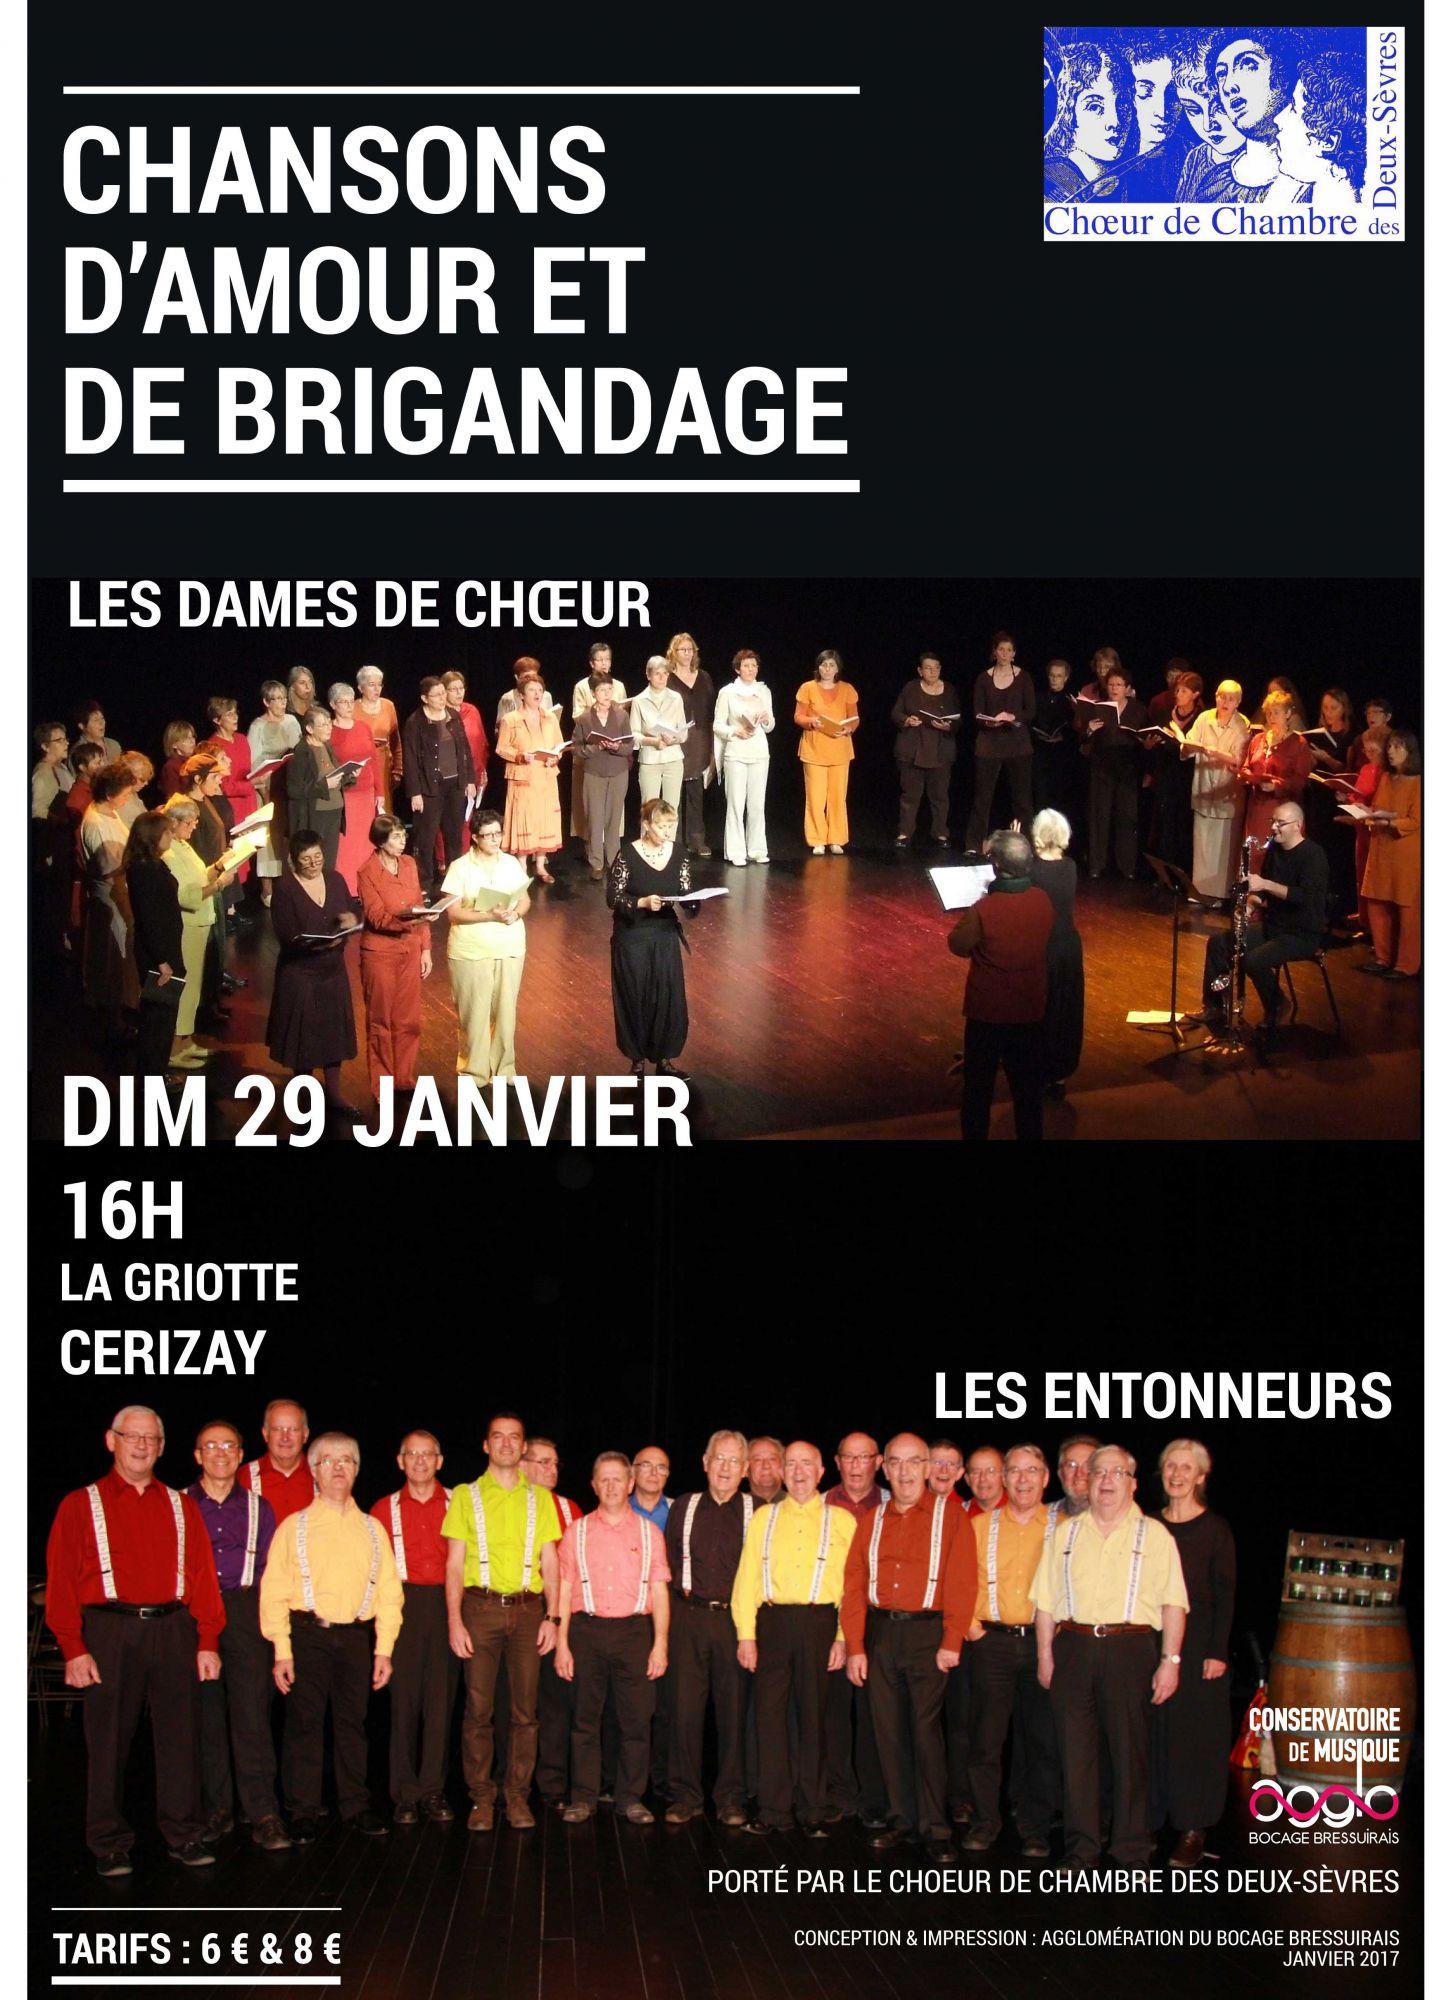 entonneurs-dames-de-choeur-29-janv-2017